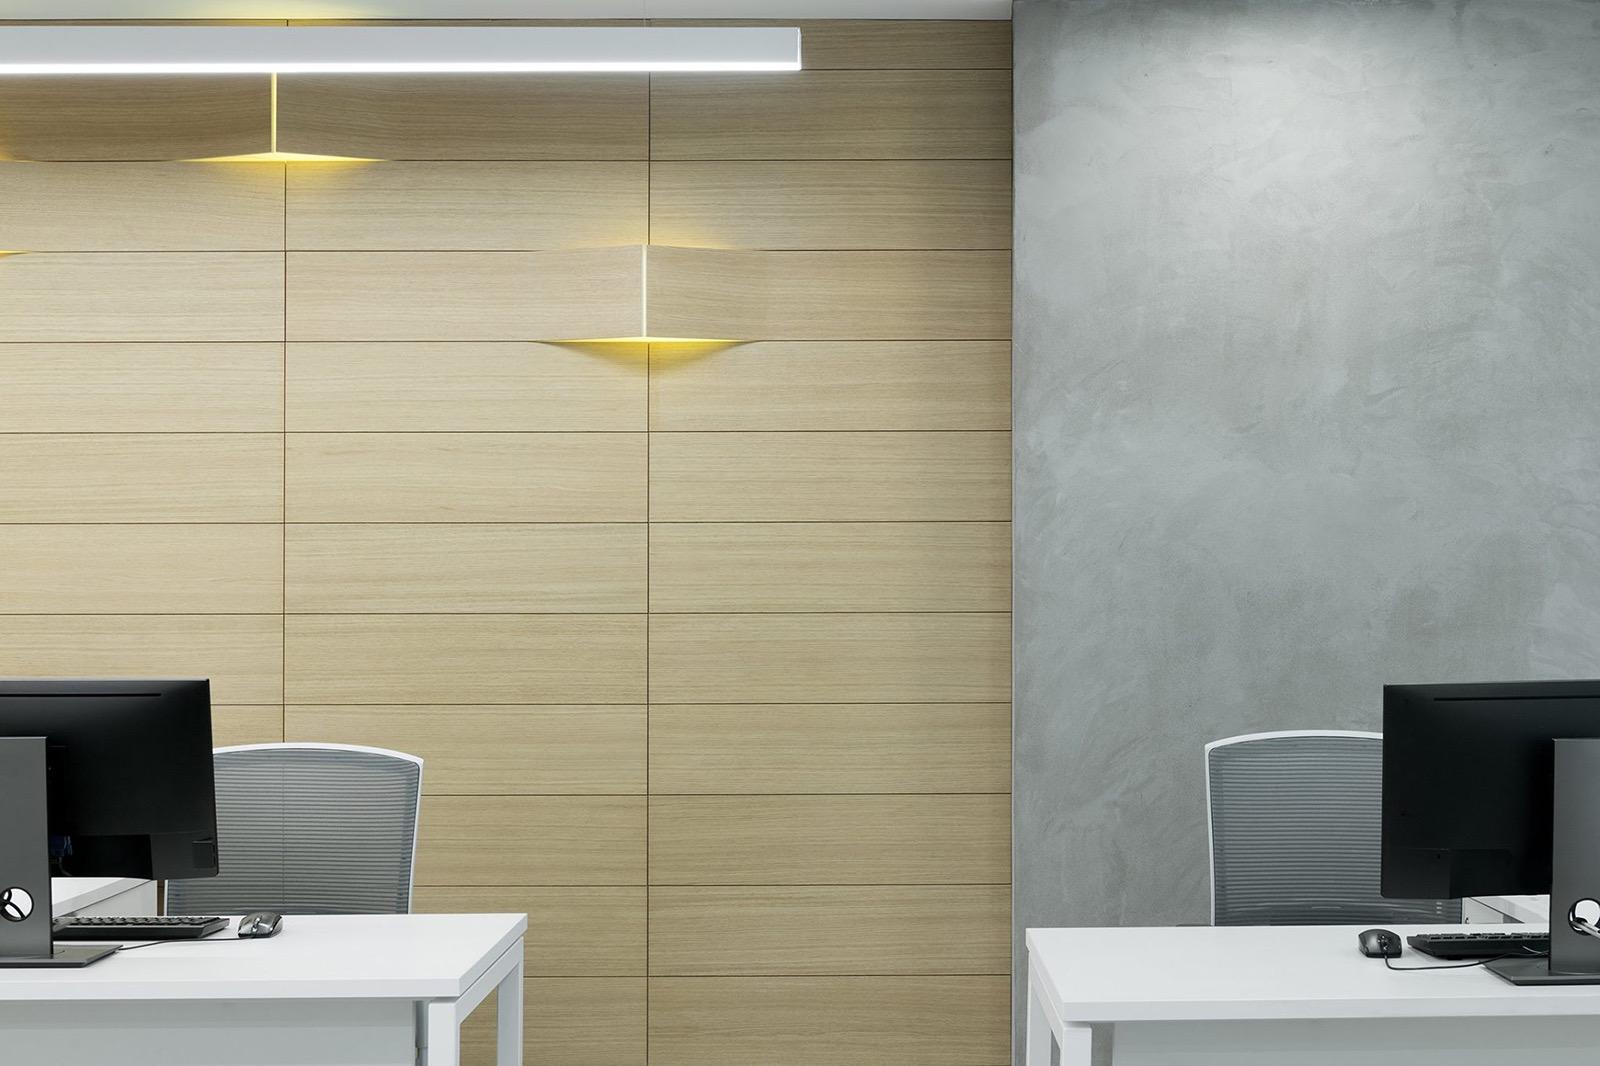 kesh-insurance-office-17